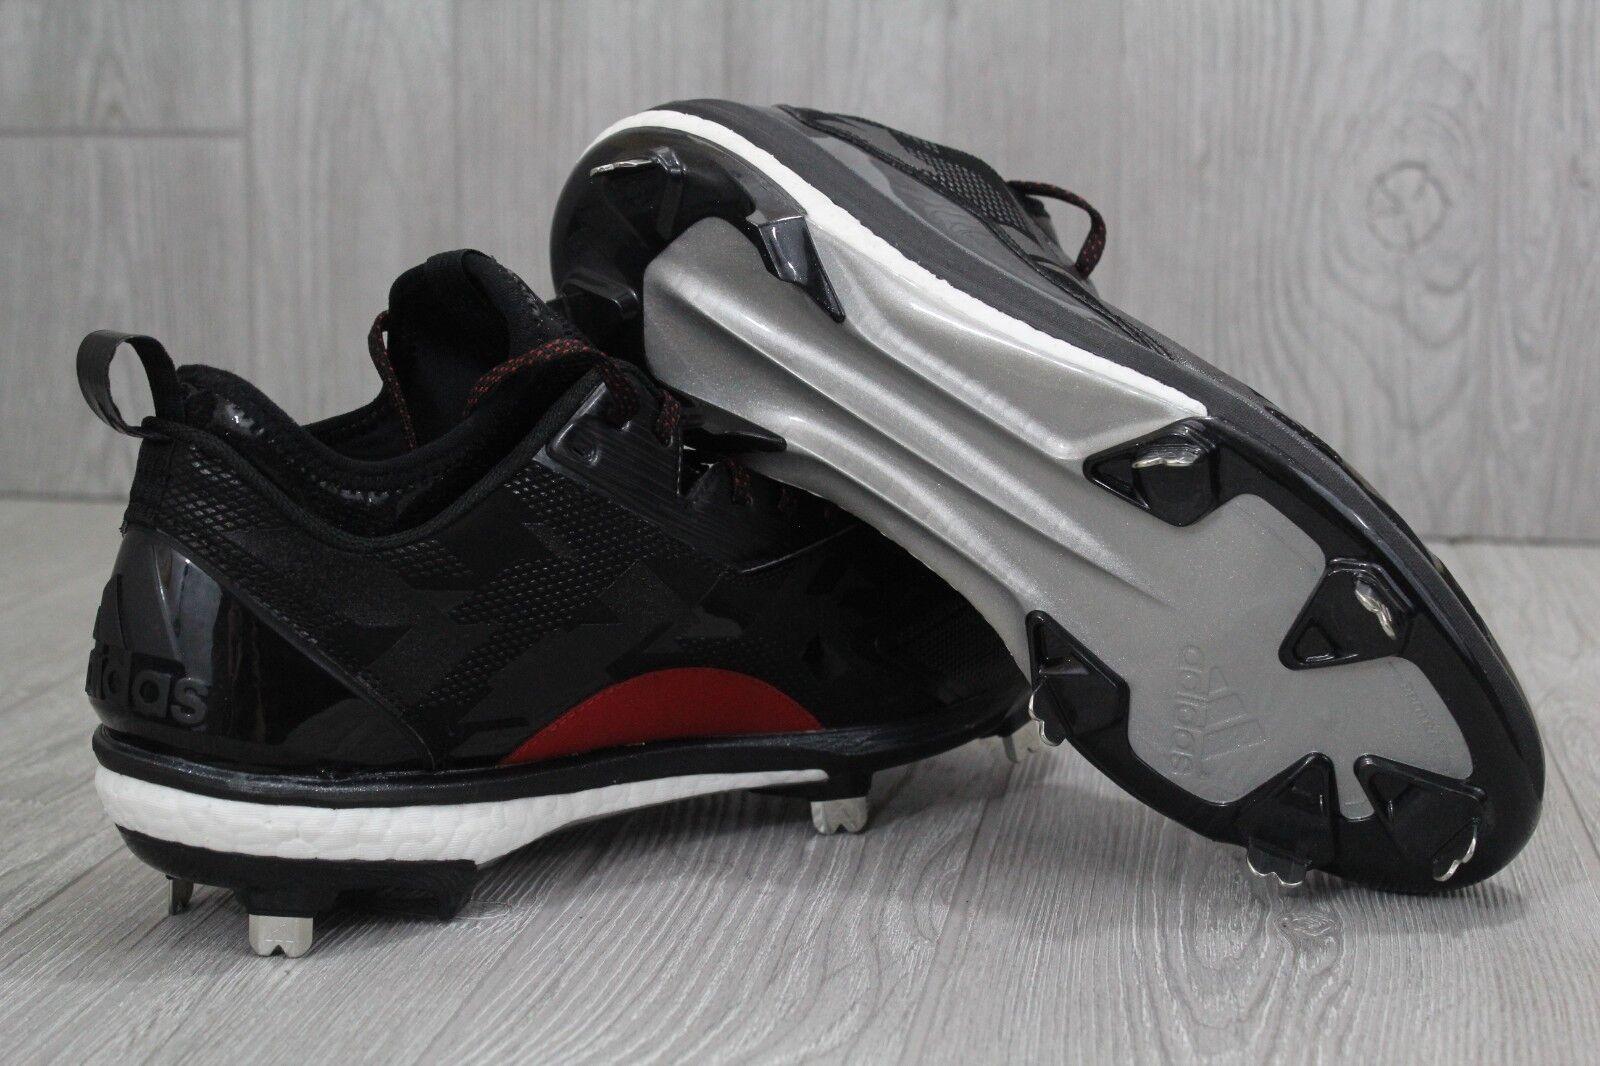 28 neue männer adidas q16526 energieschubs symbol symbol symbol 2.0 metall baseball - stollen größe 10,5 5aa2e0